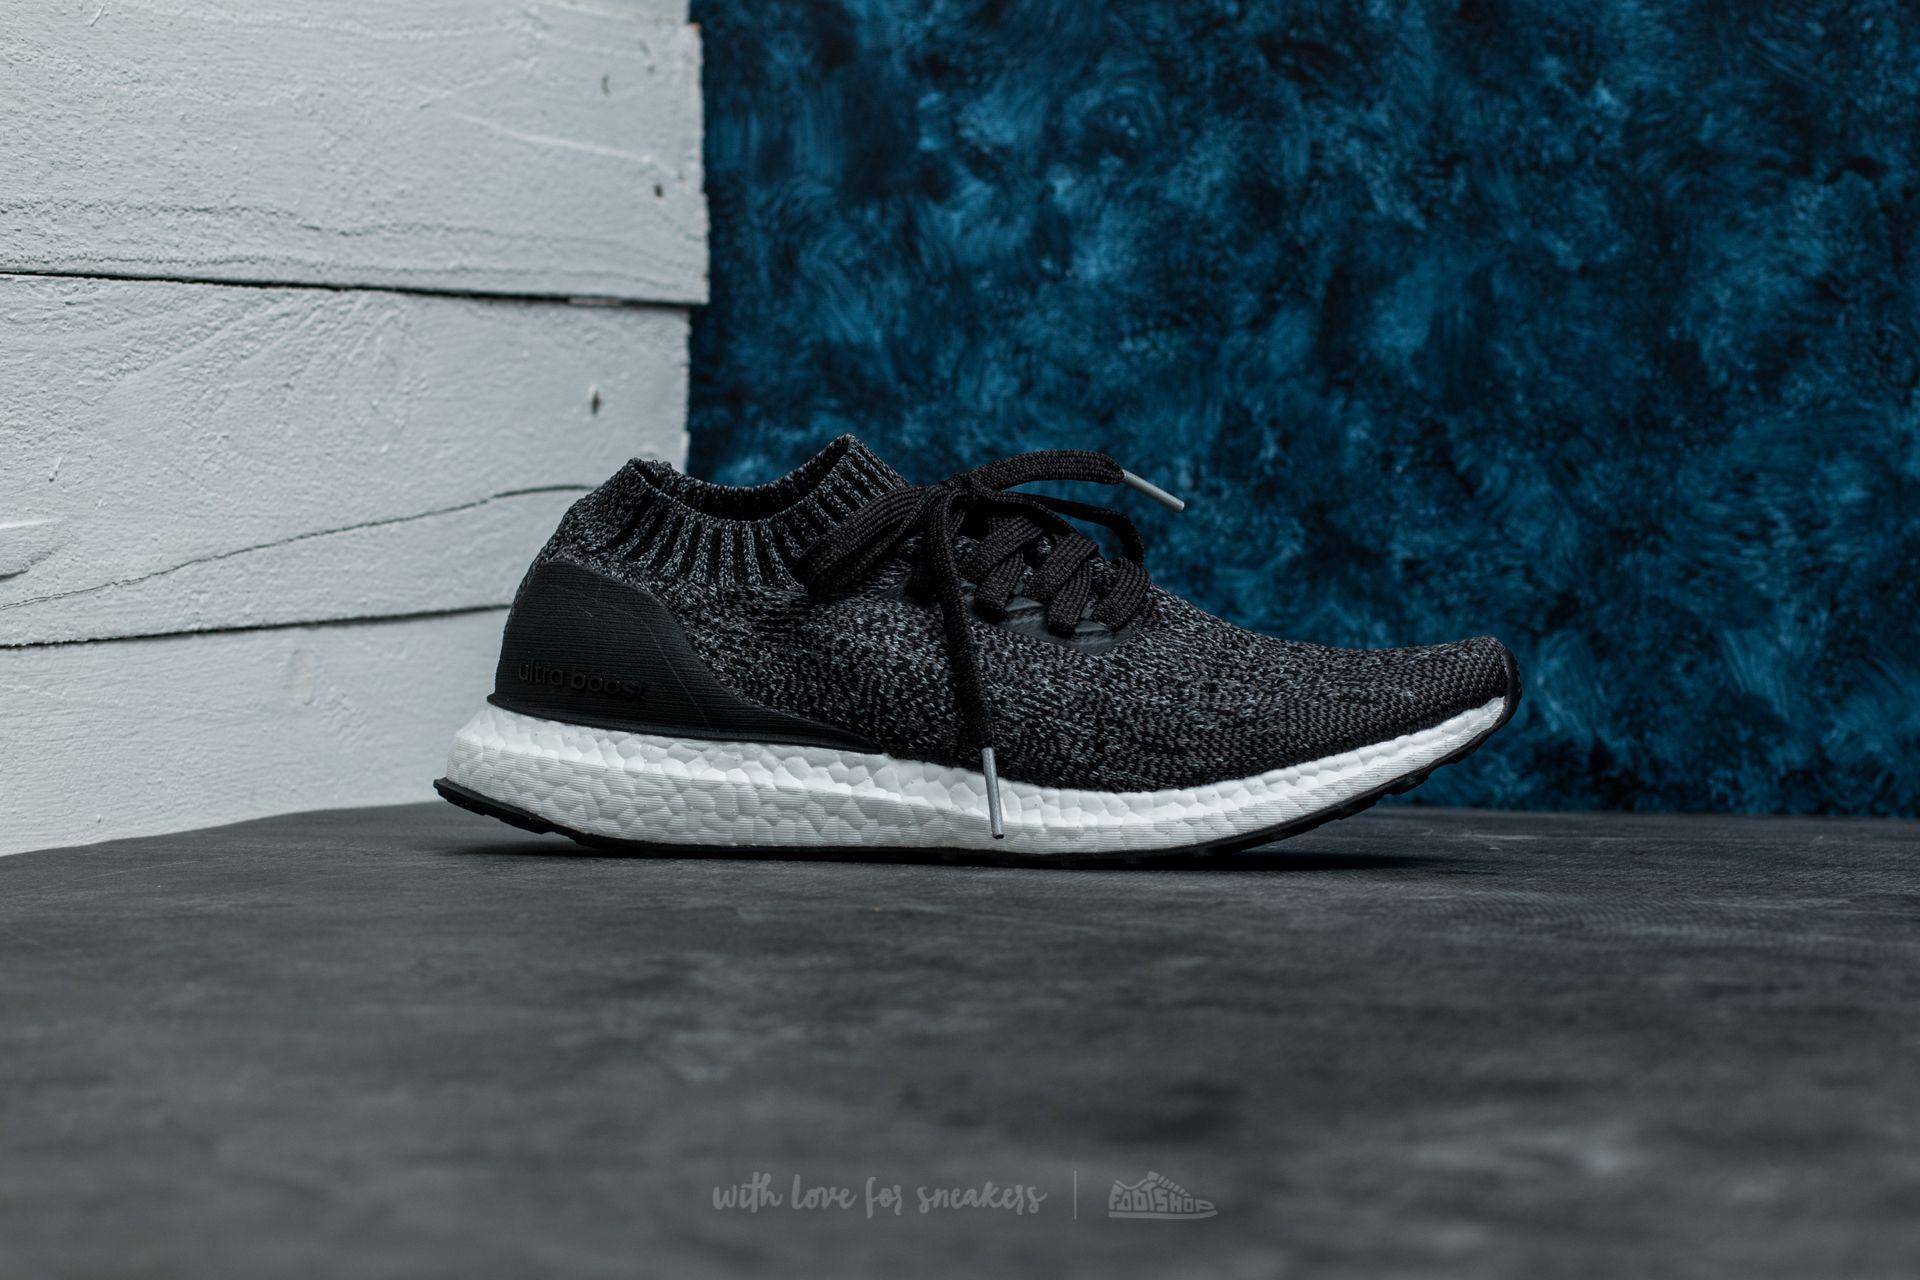 quality design a56c6 1edaa Lyst - Footshop Adidas Ultraboost Uncaged Core Black  Dgh Solid Grey ...